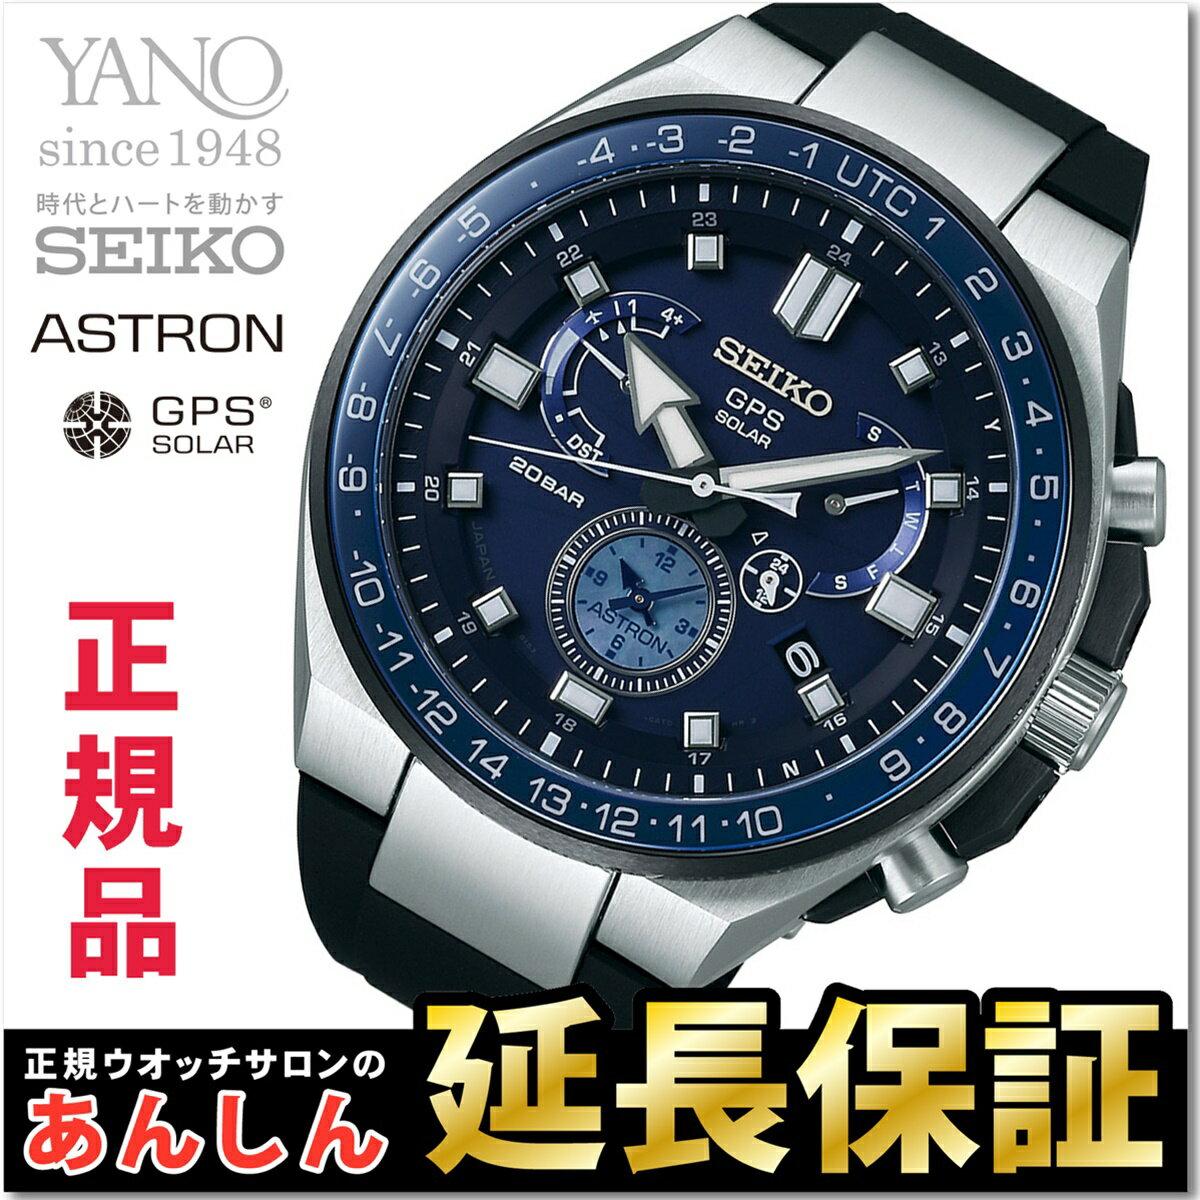 【当店だけのSEIKOノベルティ付き!】SEIKO ASTRON セイコー アストロン SBXB167 エグゼクティブスポーツライン GPSソーラーウォッチ メンズ 腕時計 【0618】_10spl